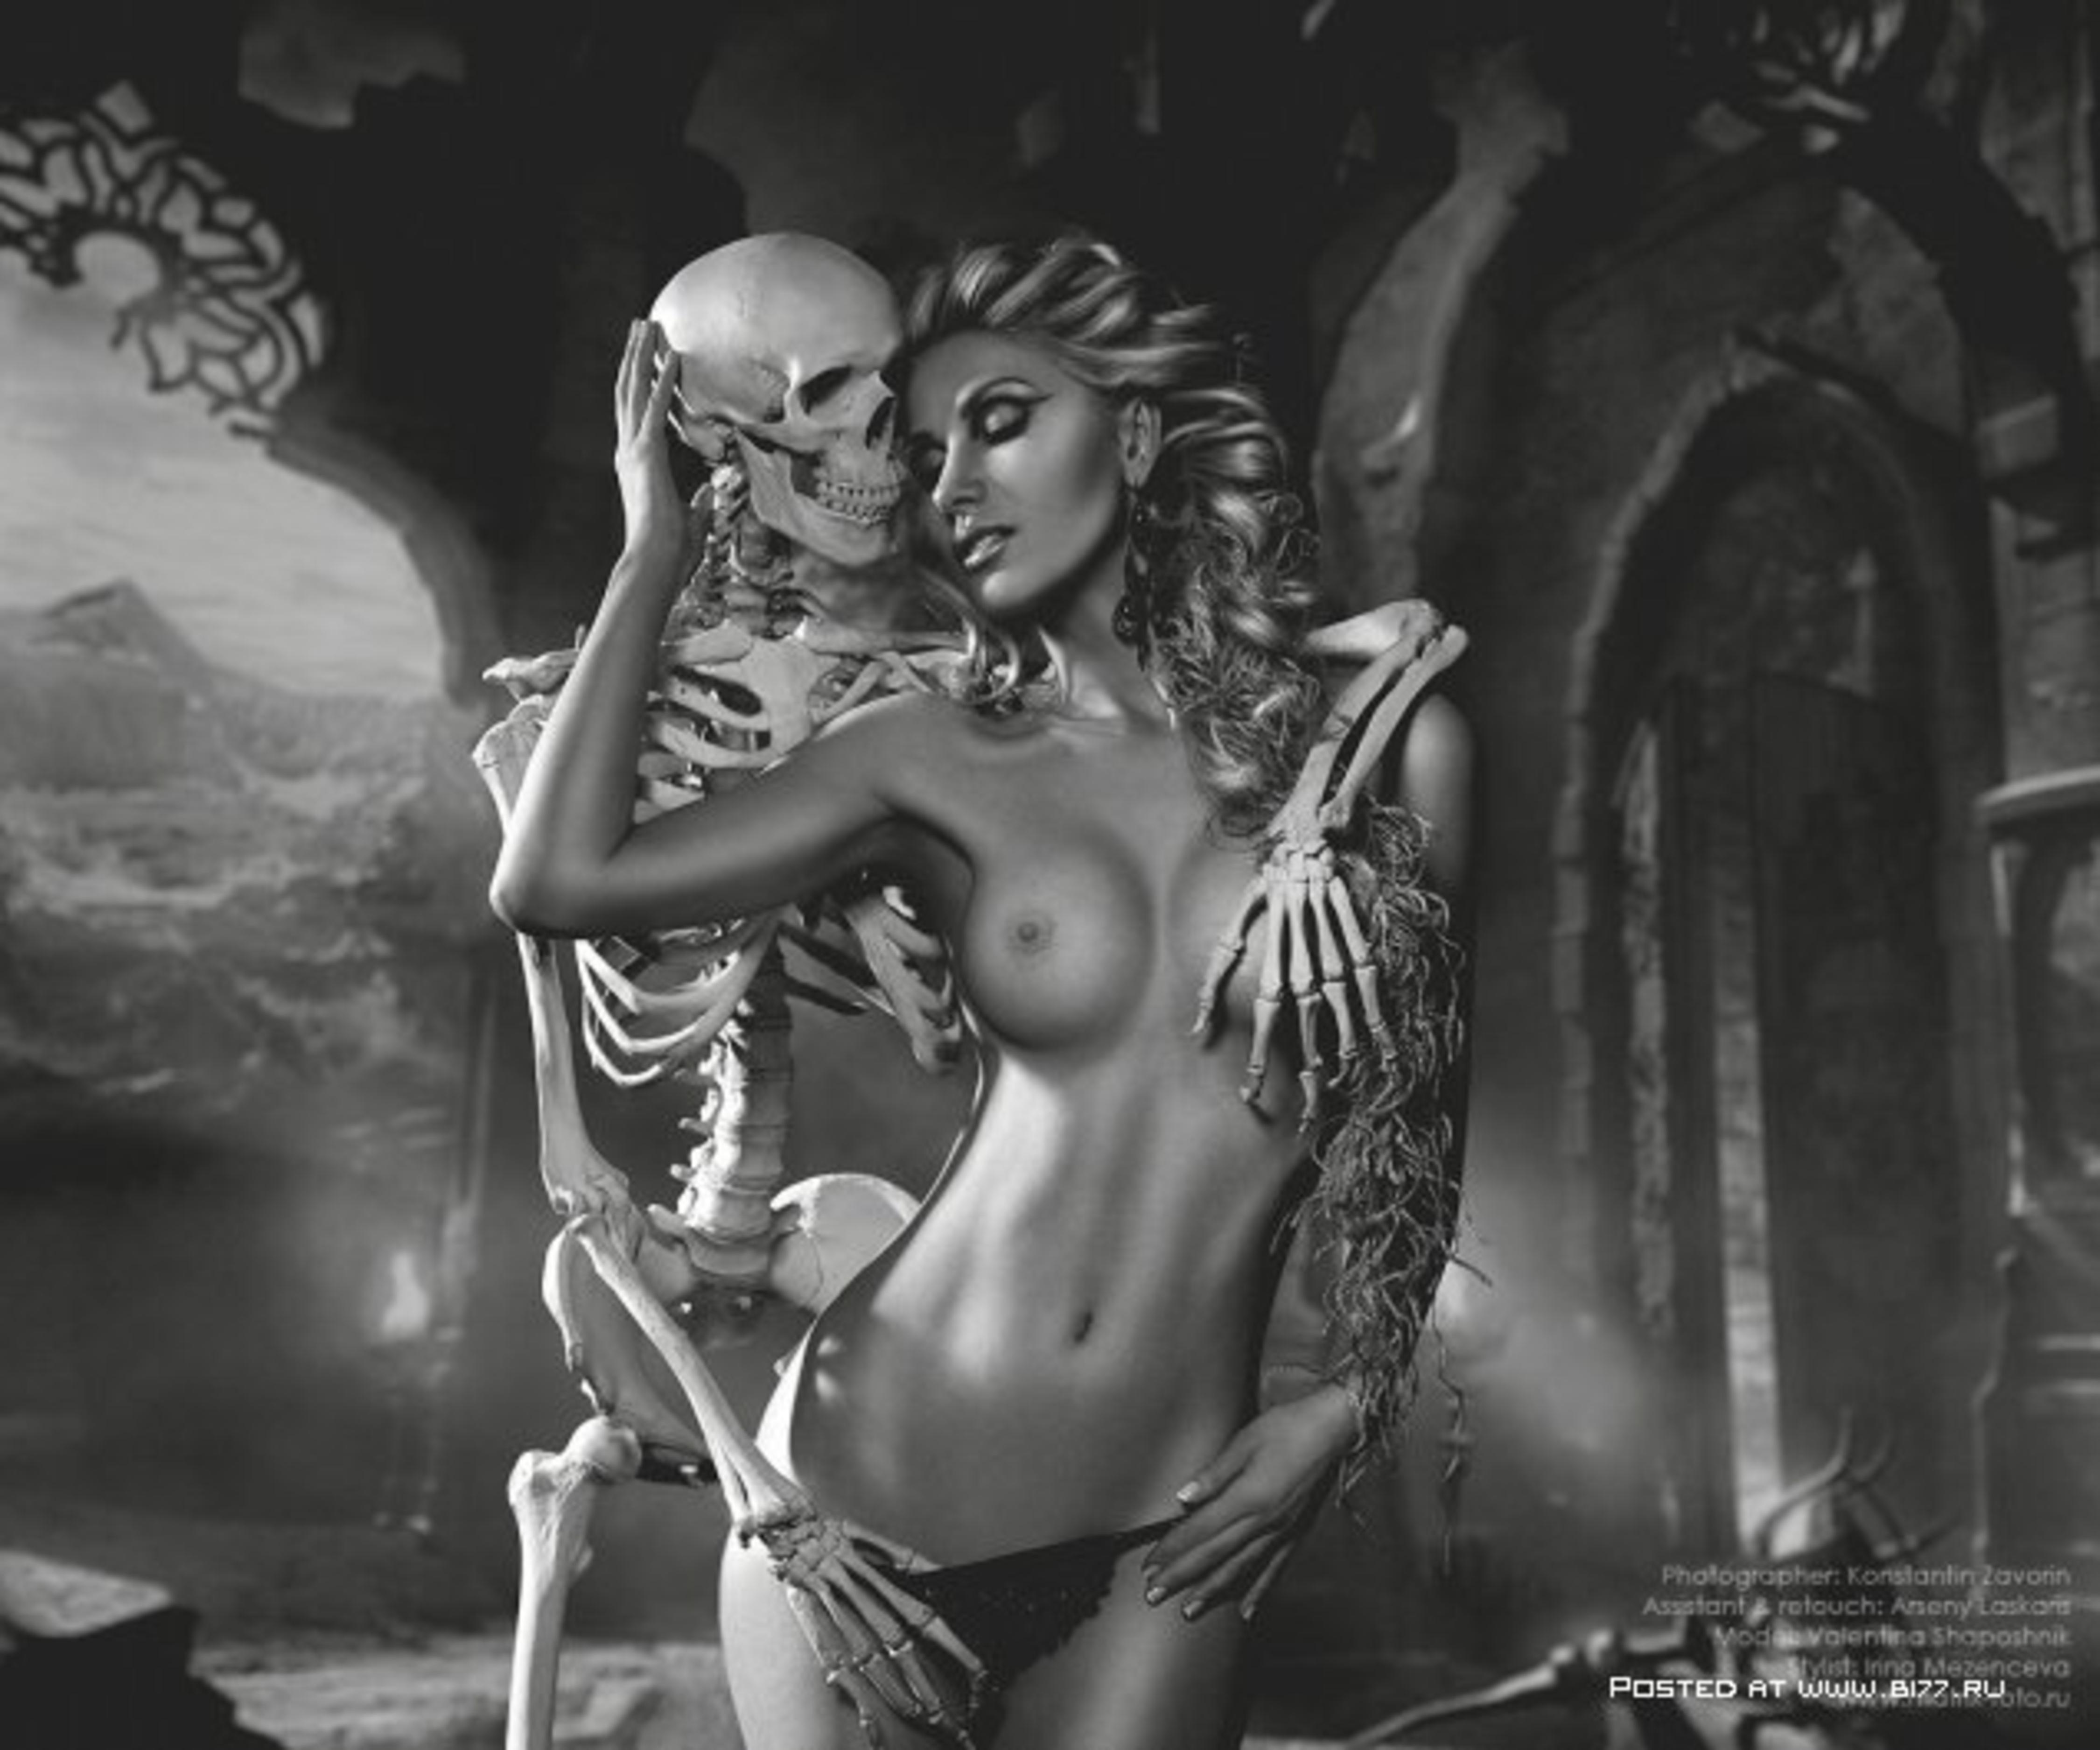 Women's Erotica